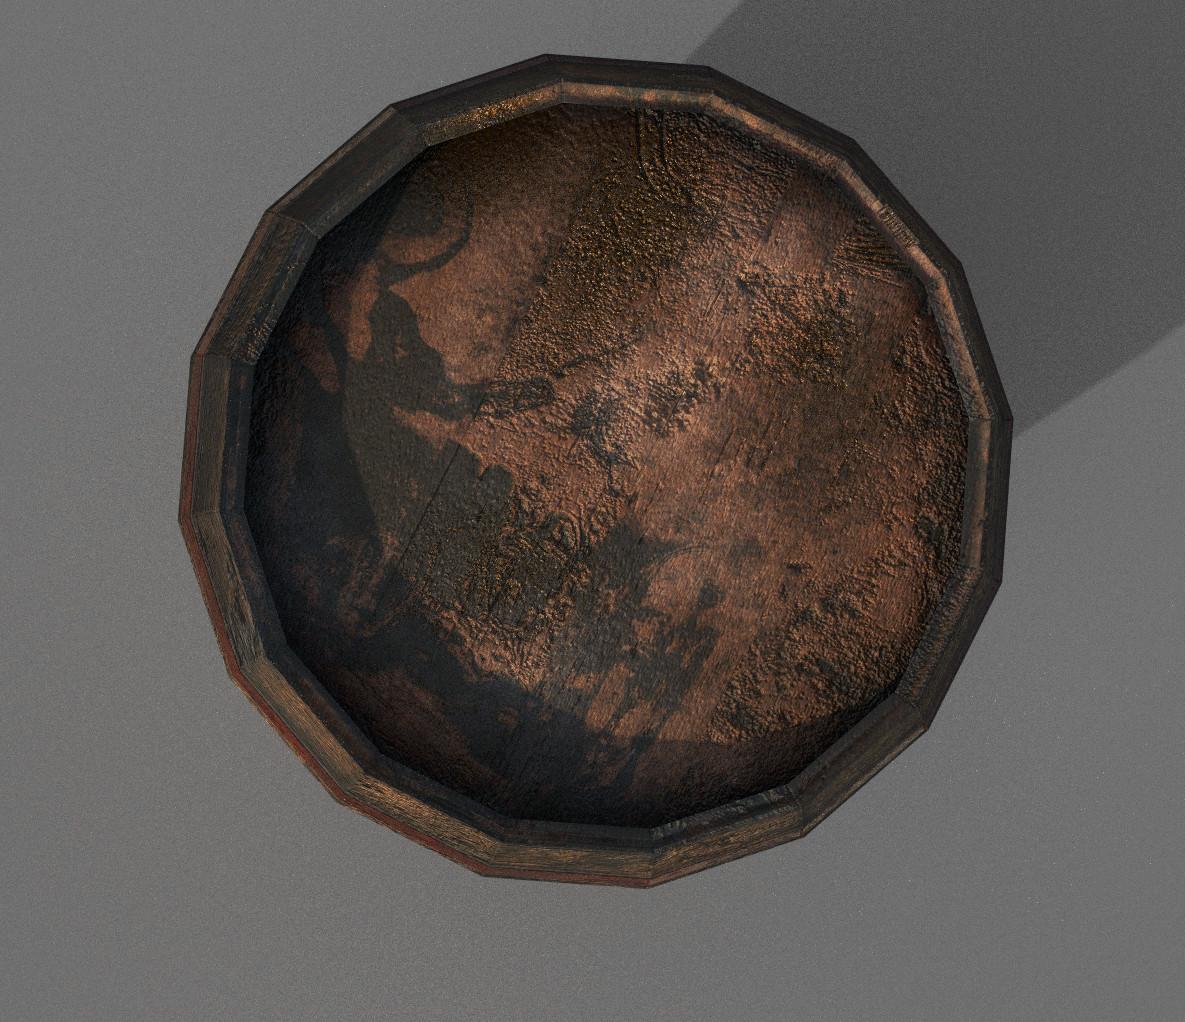 Anisah syed barrelv02 002